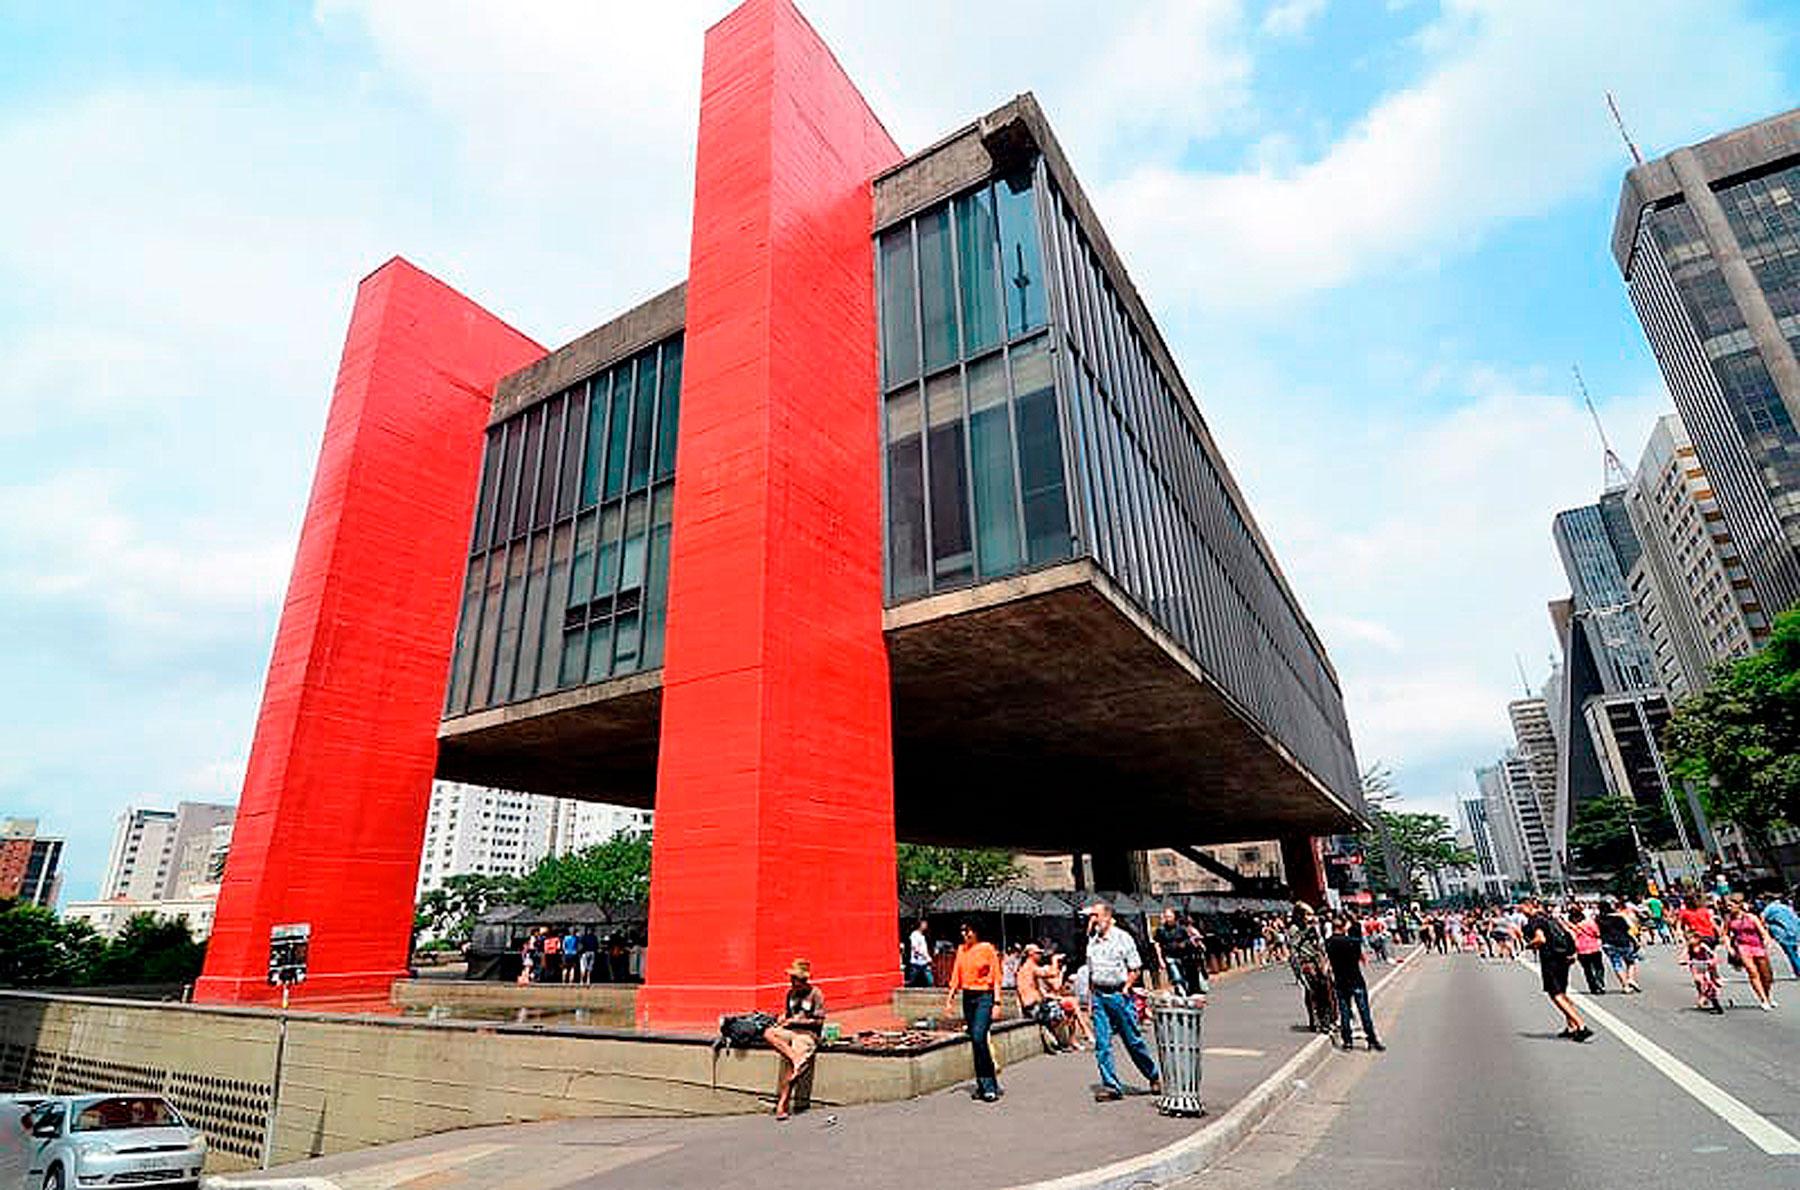 MASP: considerado um marco da arquitetura brutalista no Brasil, projeto do museu é o mais emblemático de Lina Bo Bardi Crédito: IStock